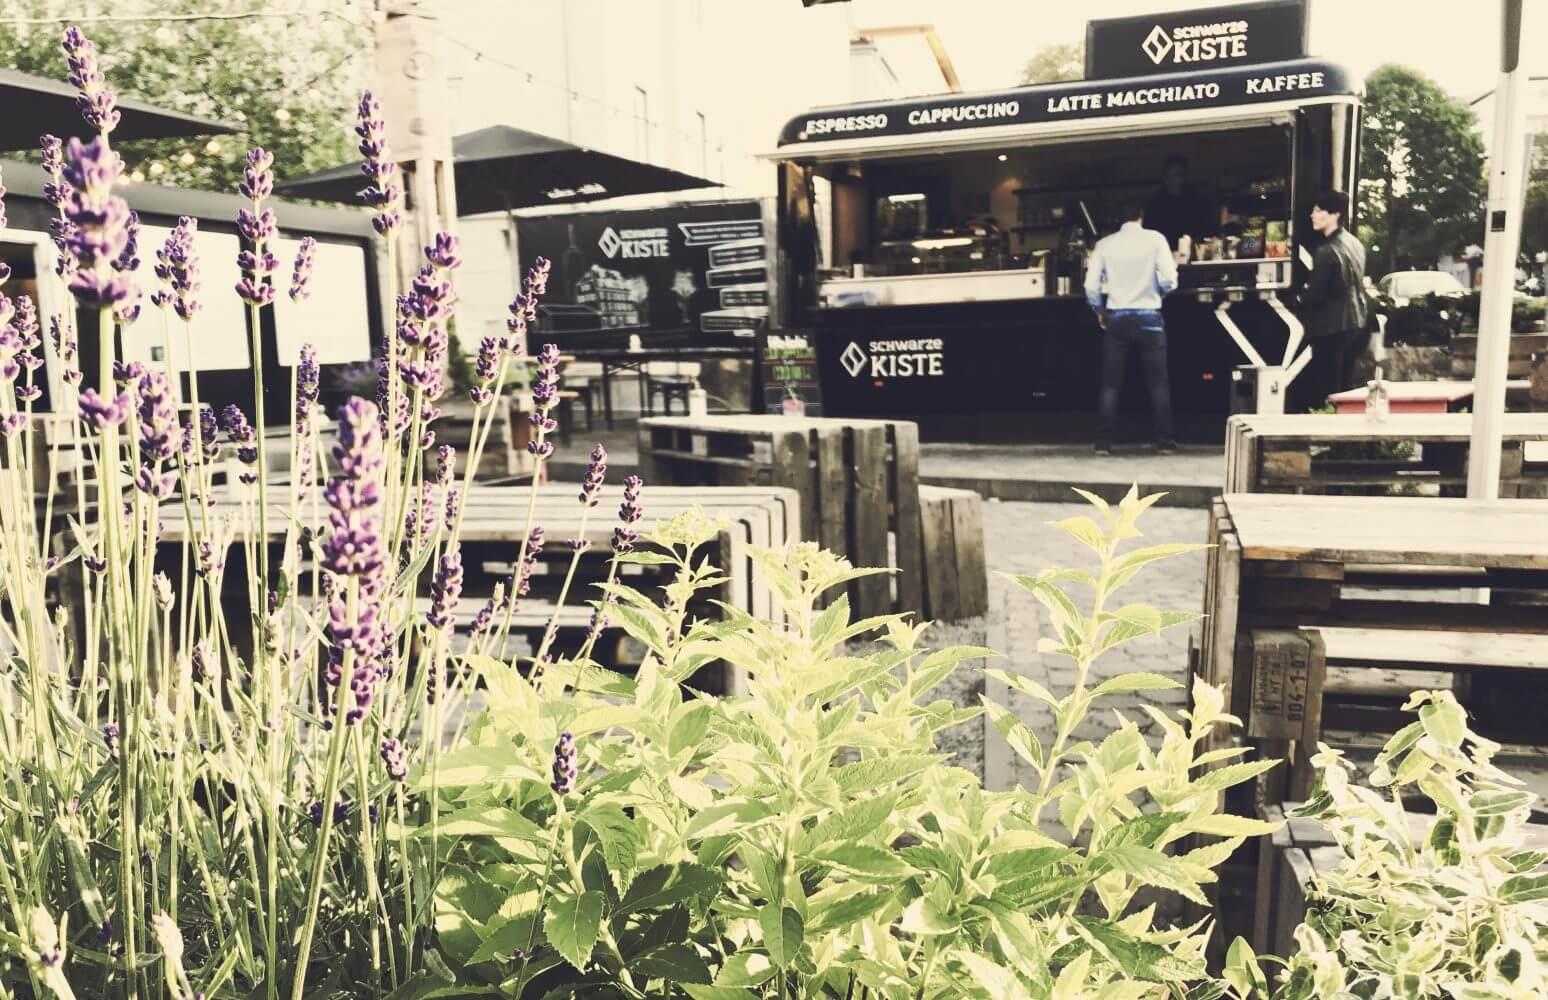 Die grüne Oase mitten in der Stadt. Der Café Garten der Schwarzen Kiste an der Haunstetter Straße. Einfach mal die Seele baumeln lassen...